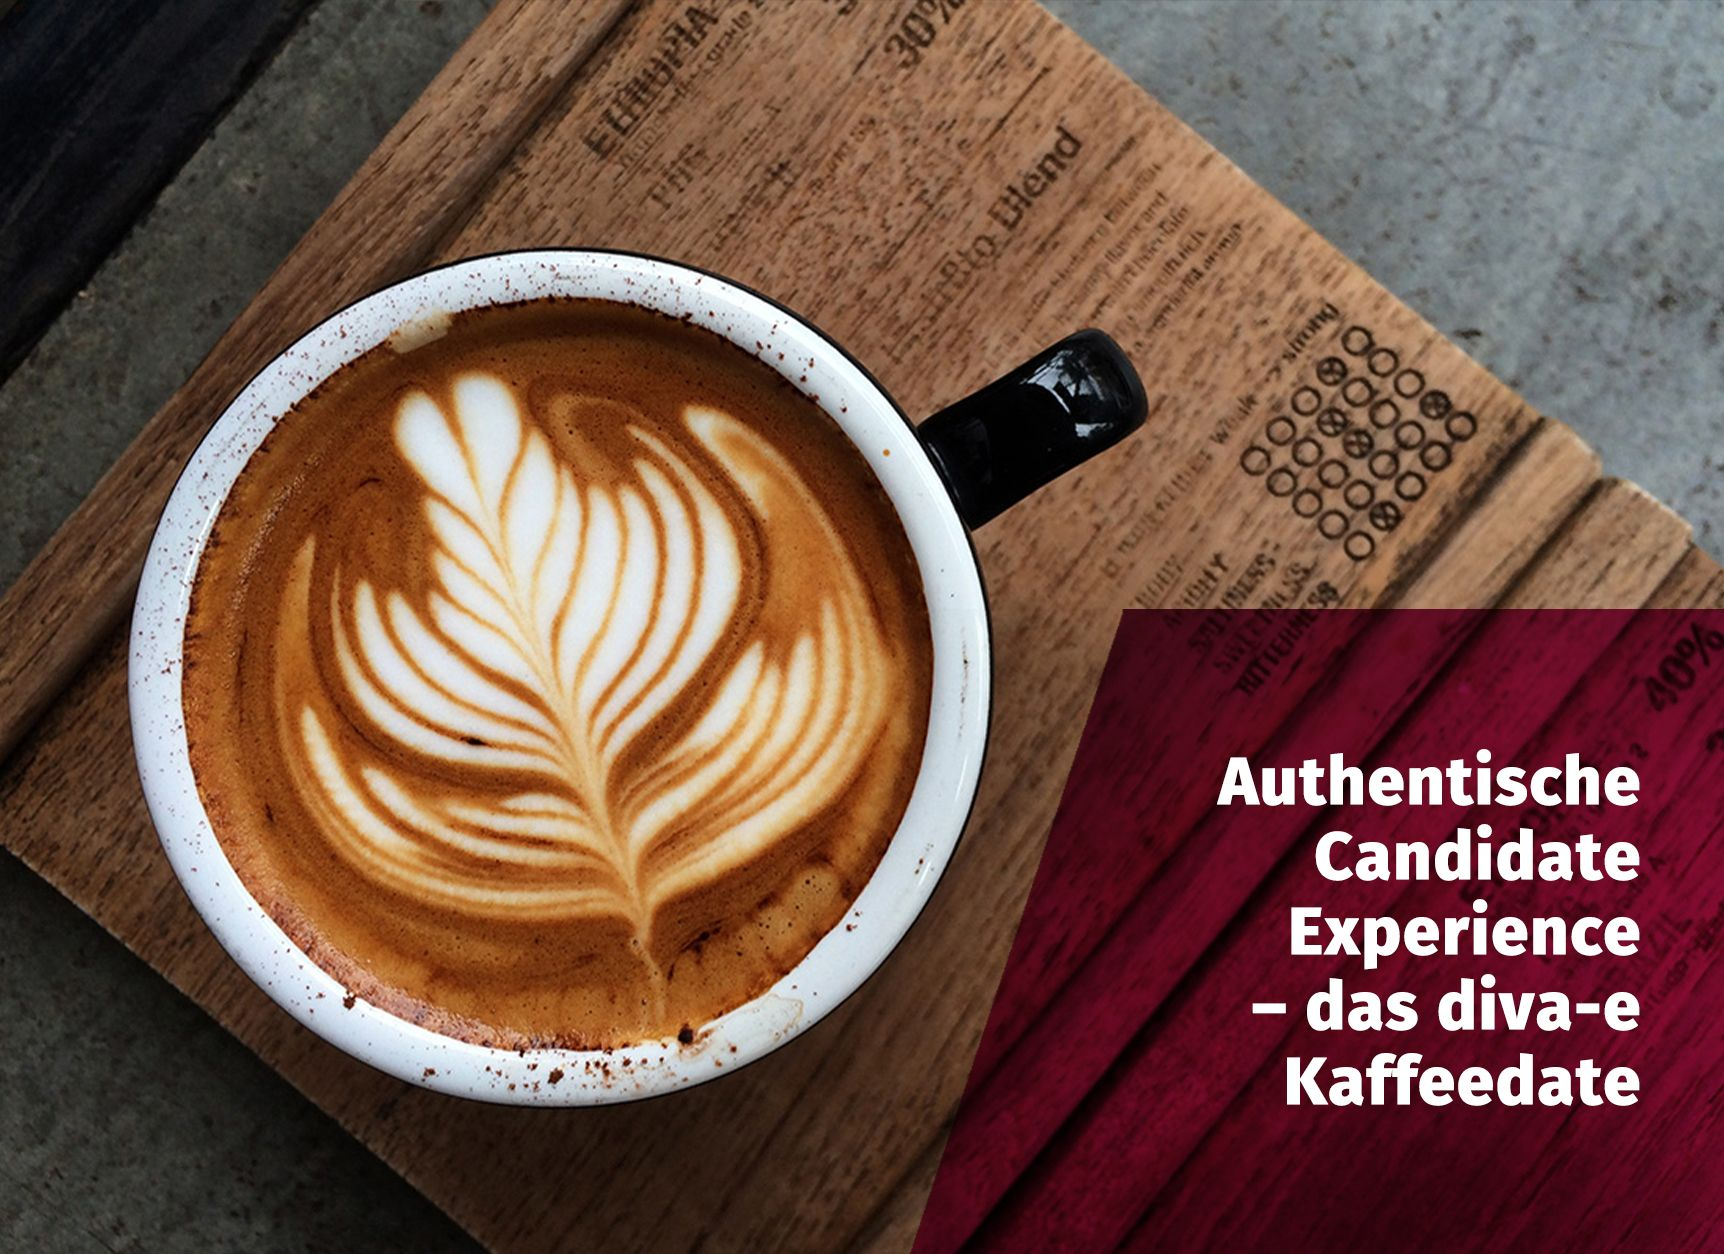 Authentische Candidate Experience – das diva-e Kaffeedate